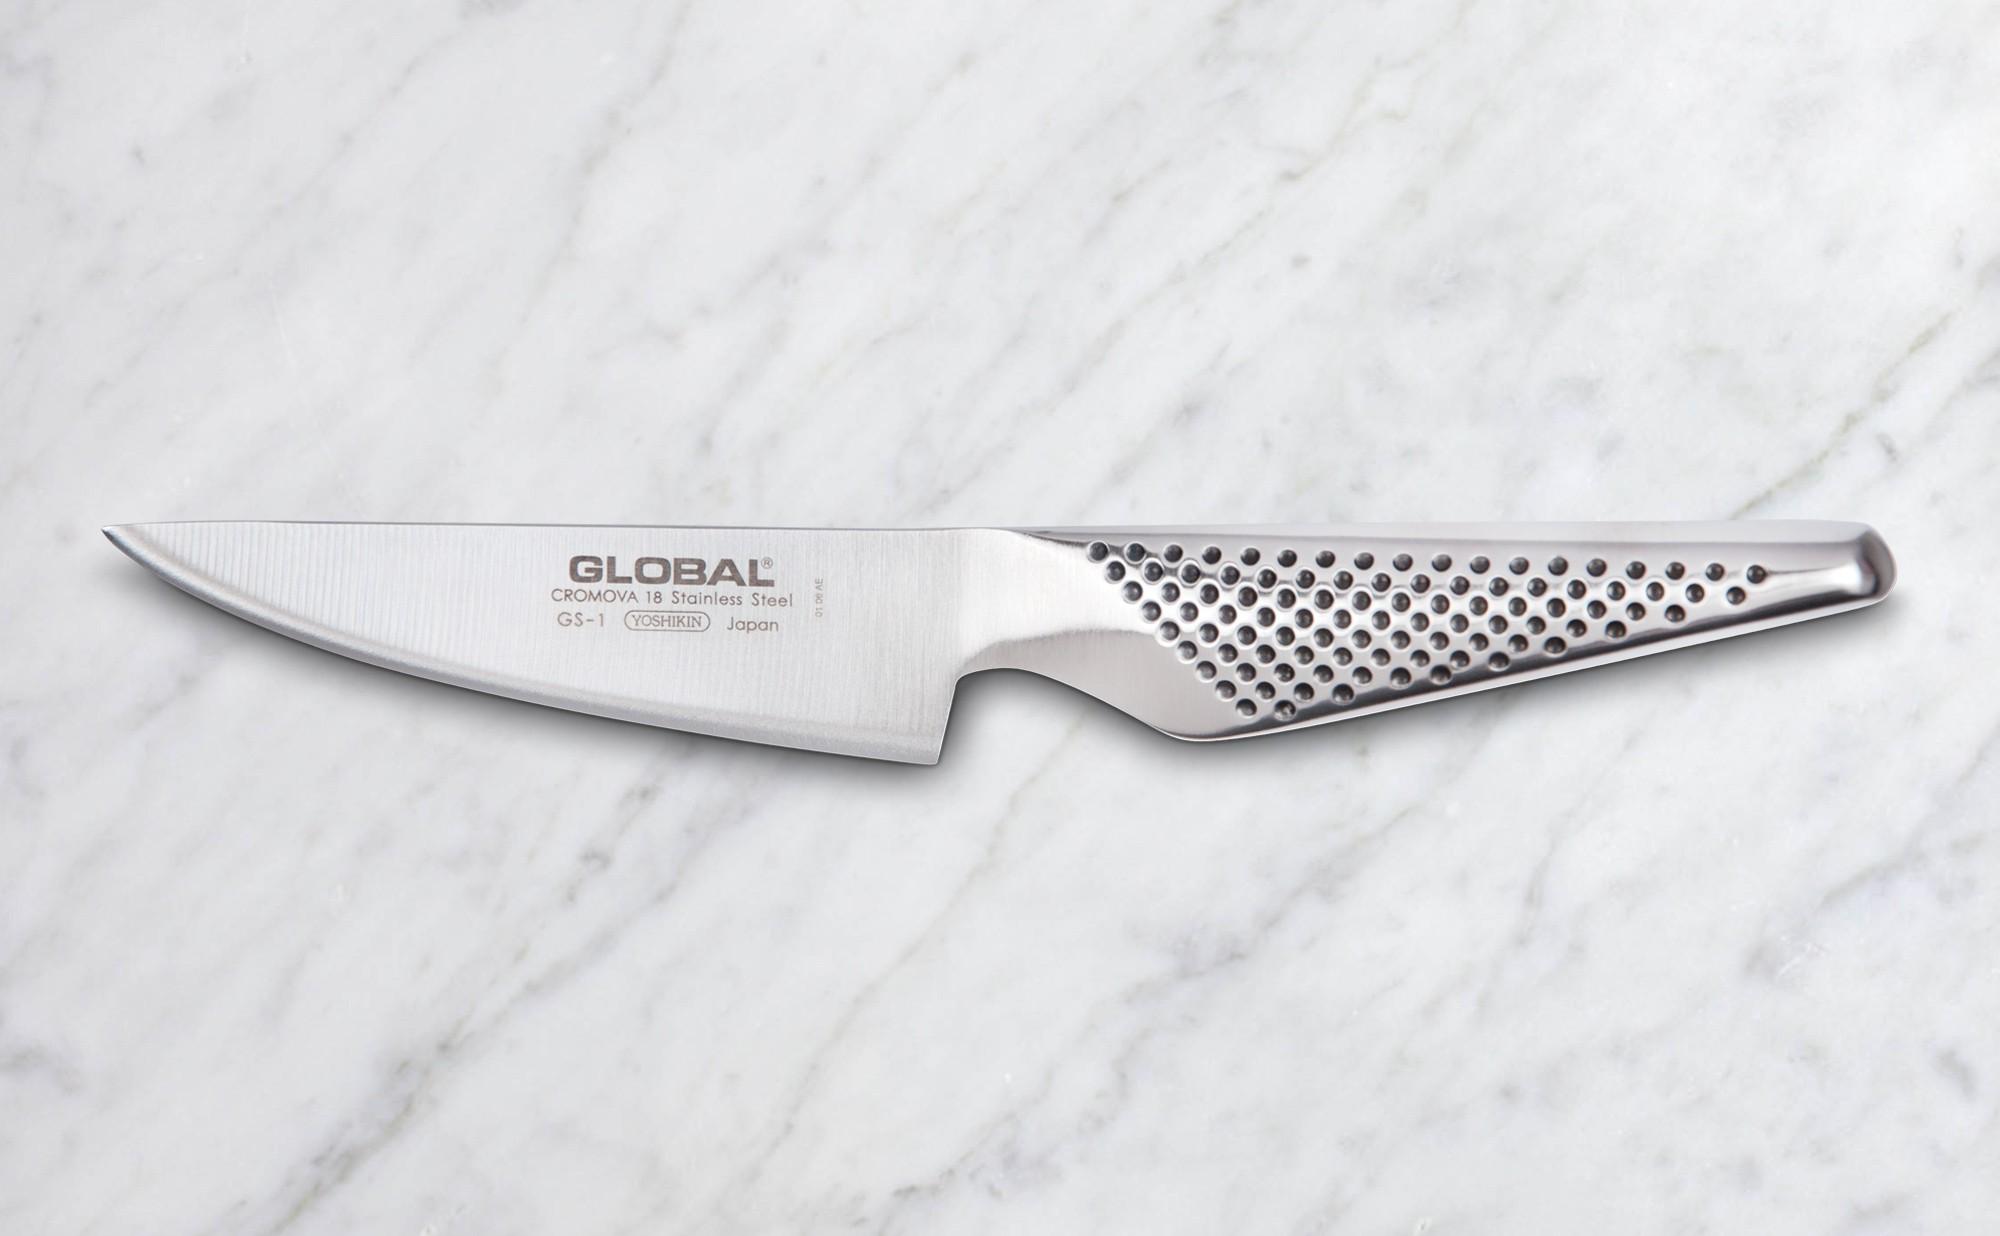 Couteau de cuisine global 11 cm colichef - Couteaux de cuisine global ...